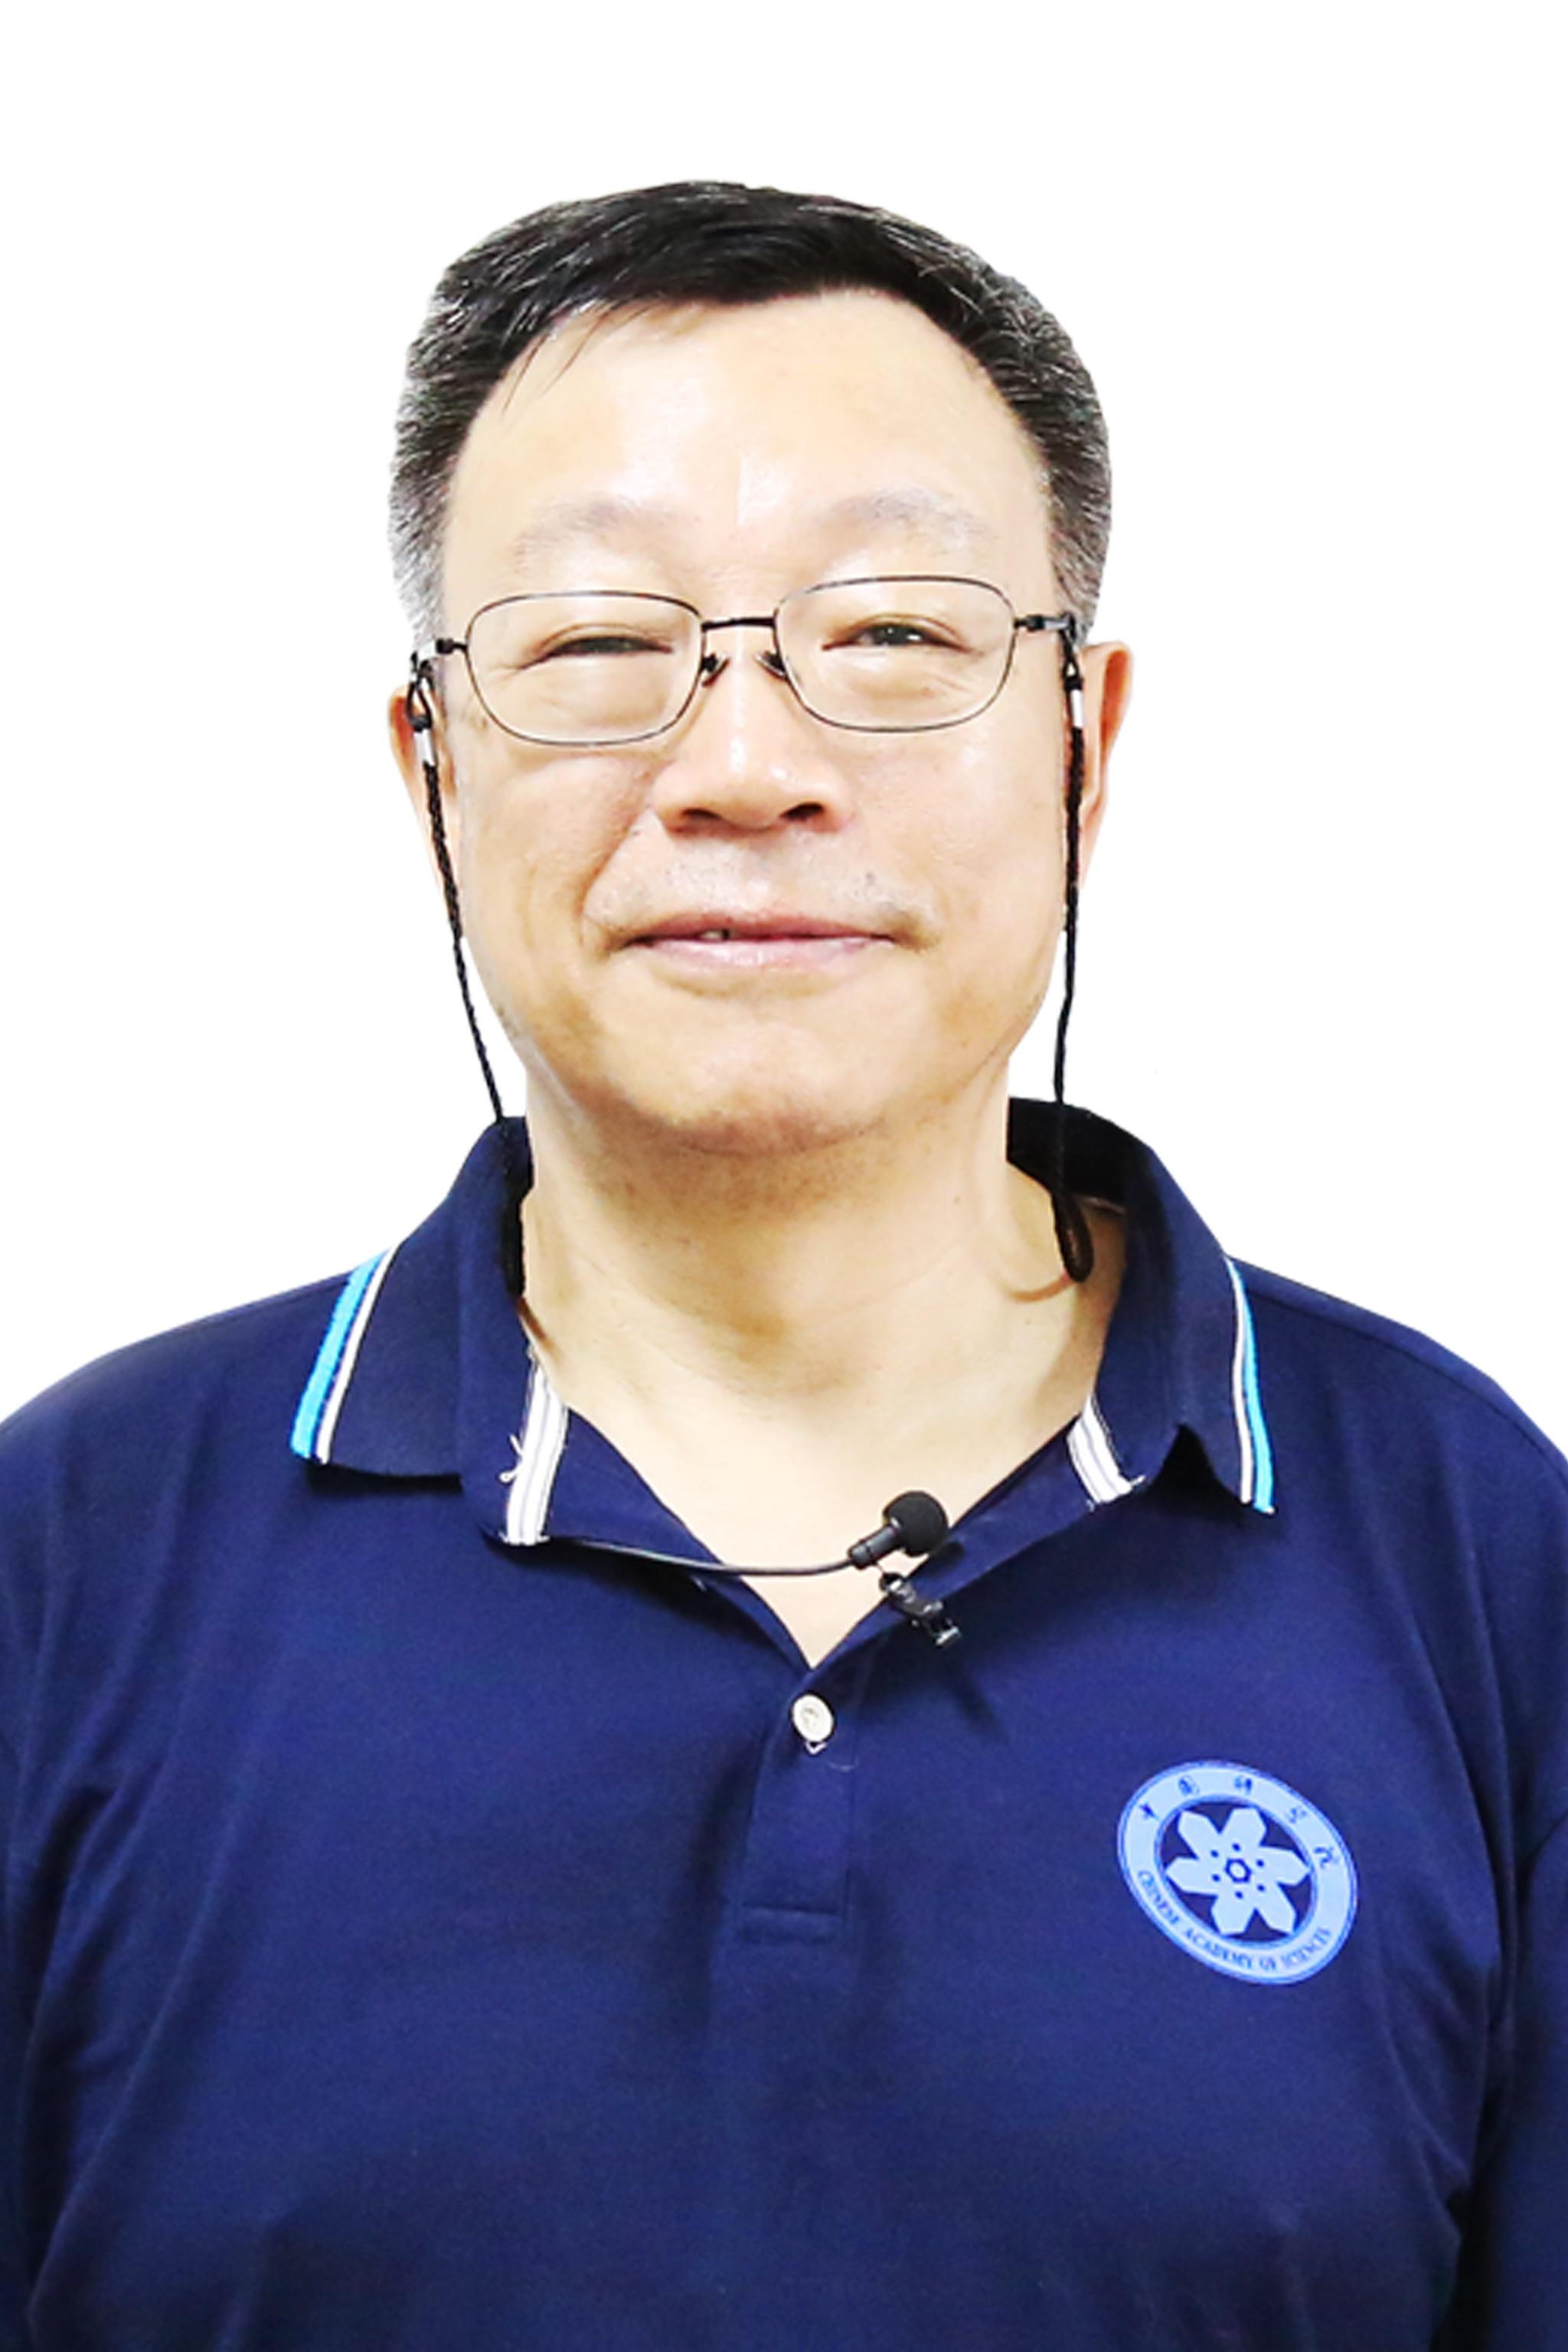 張雙南 中國科學院粒子天體物理重點實驗室主任 科學隊長特邀專家